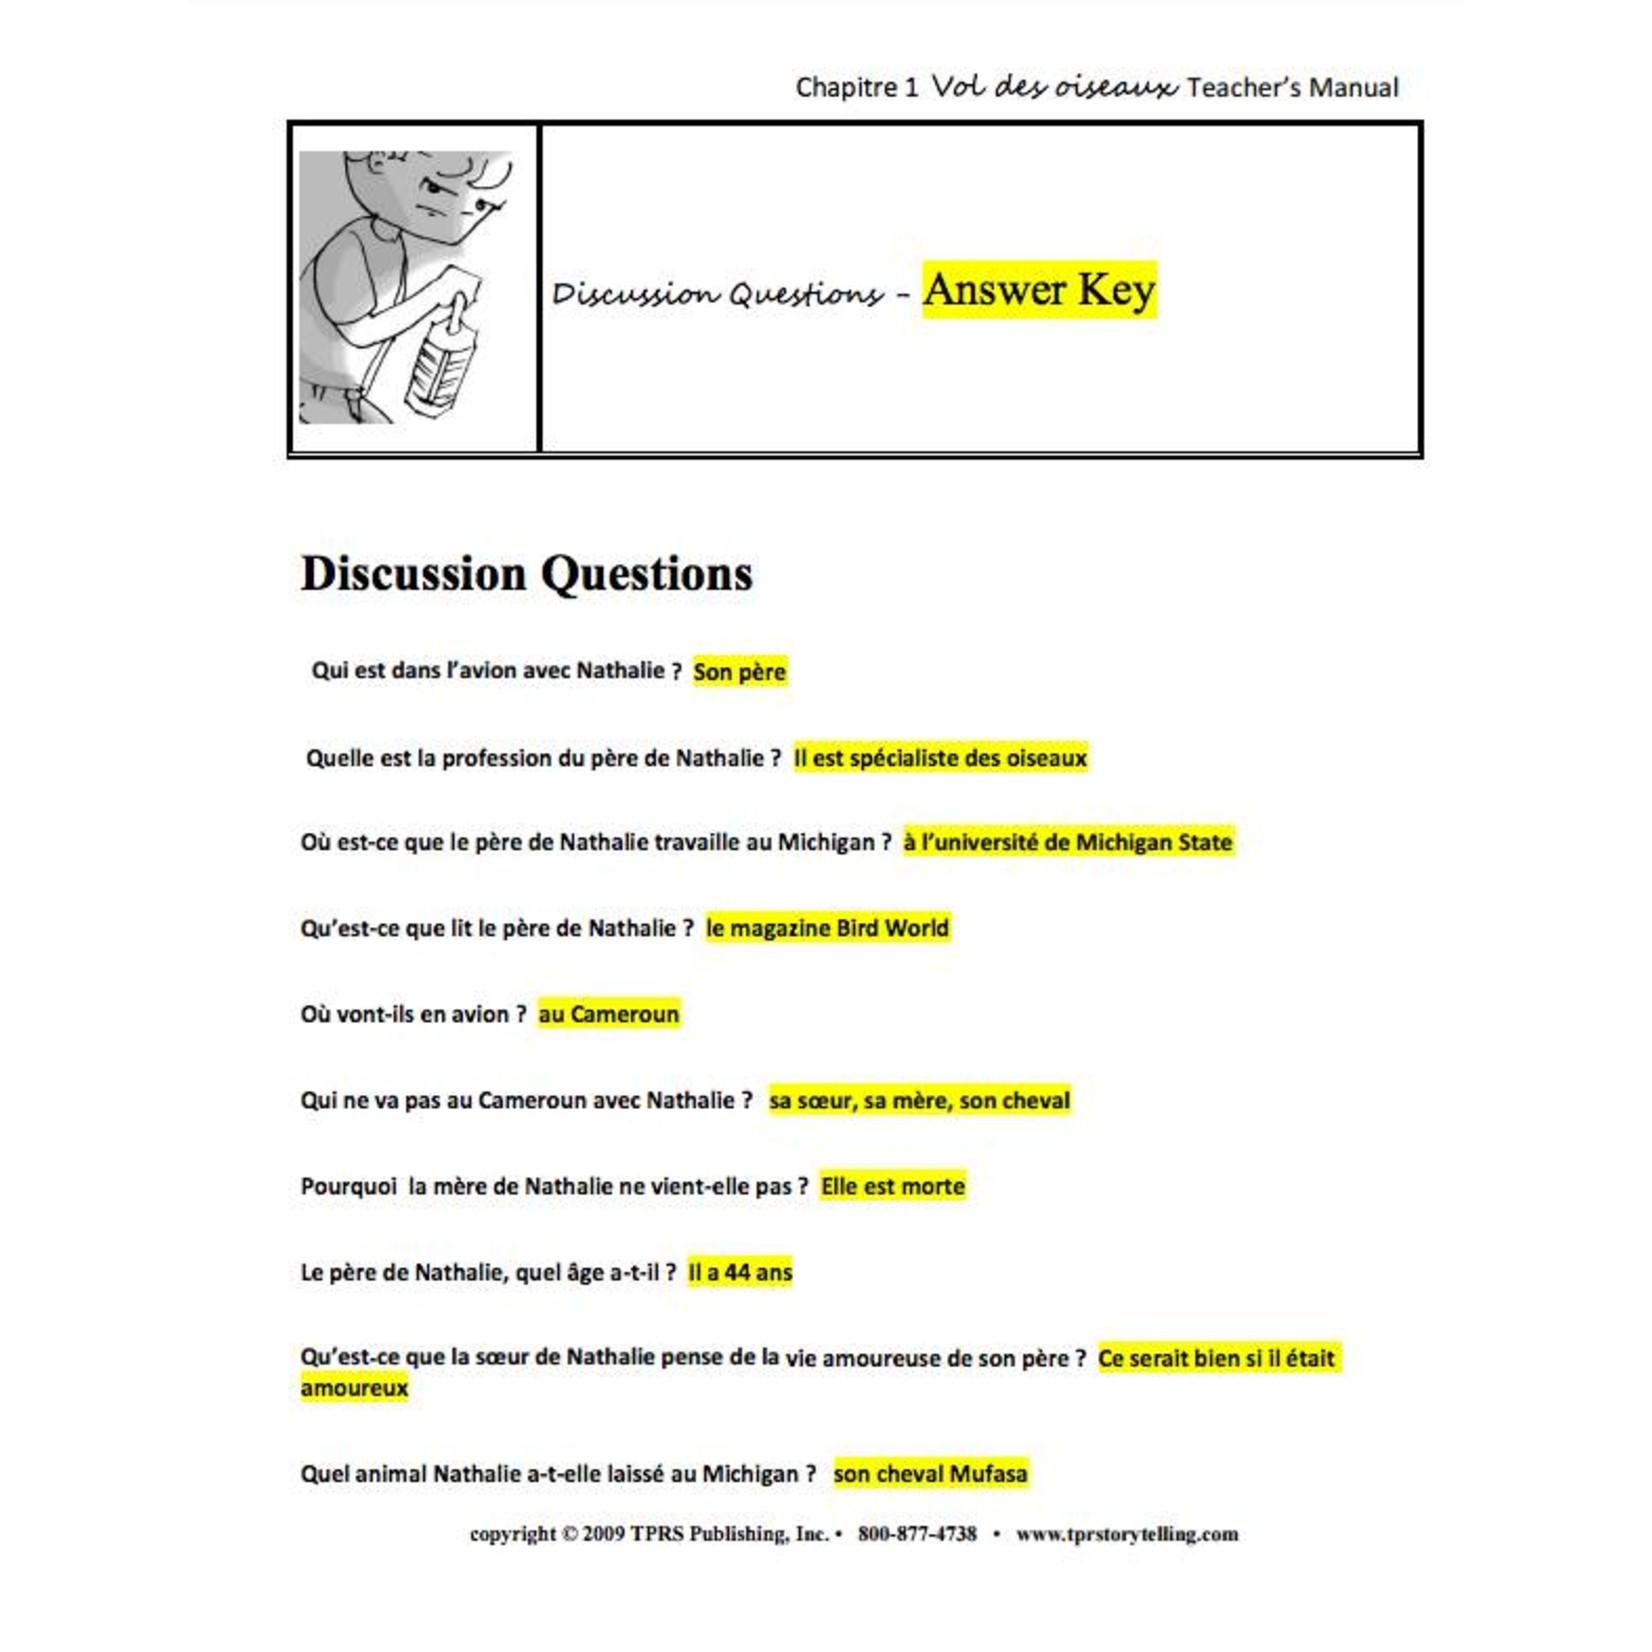 Fluency Matters Le vol des oiseaux - Docentenhandleiding